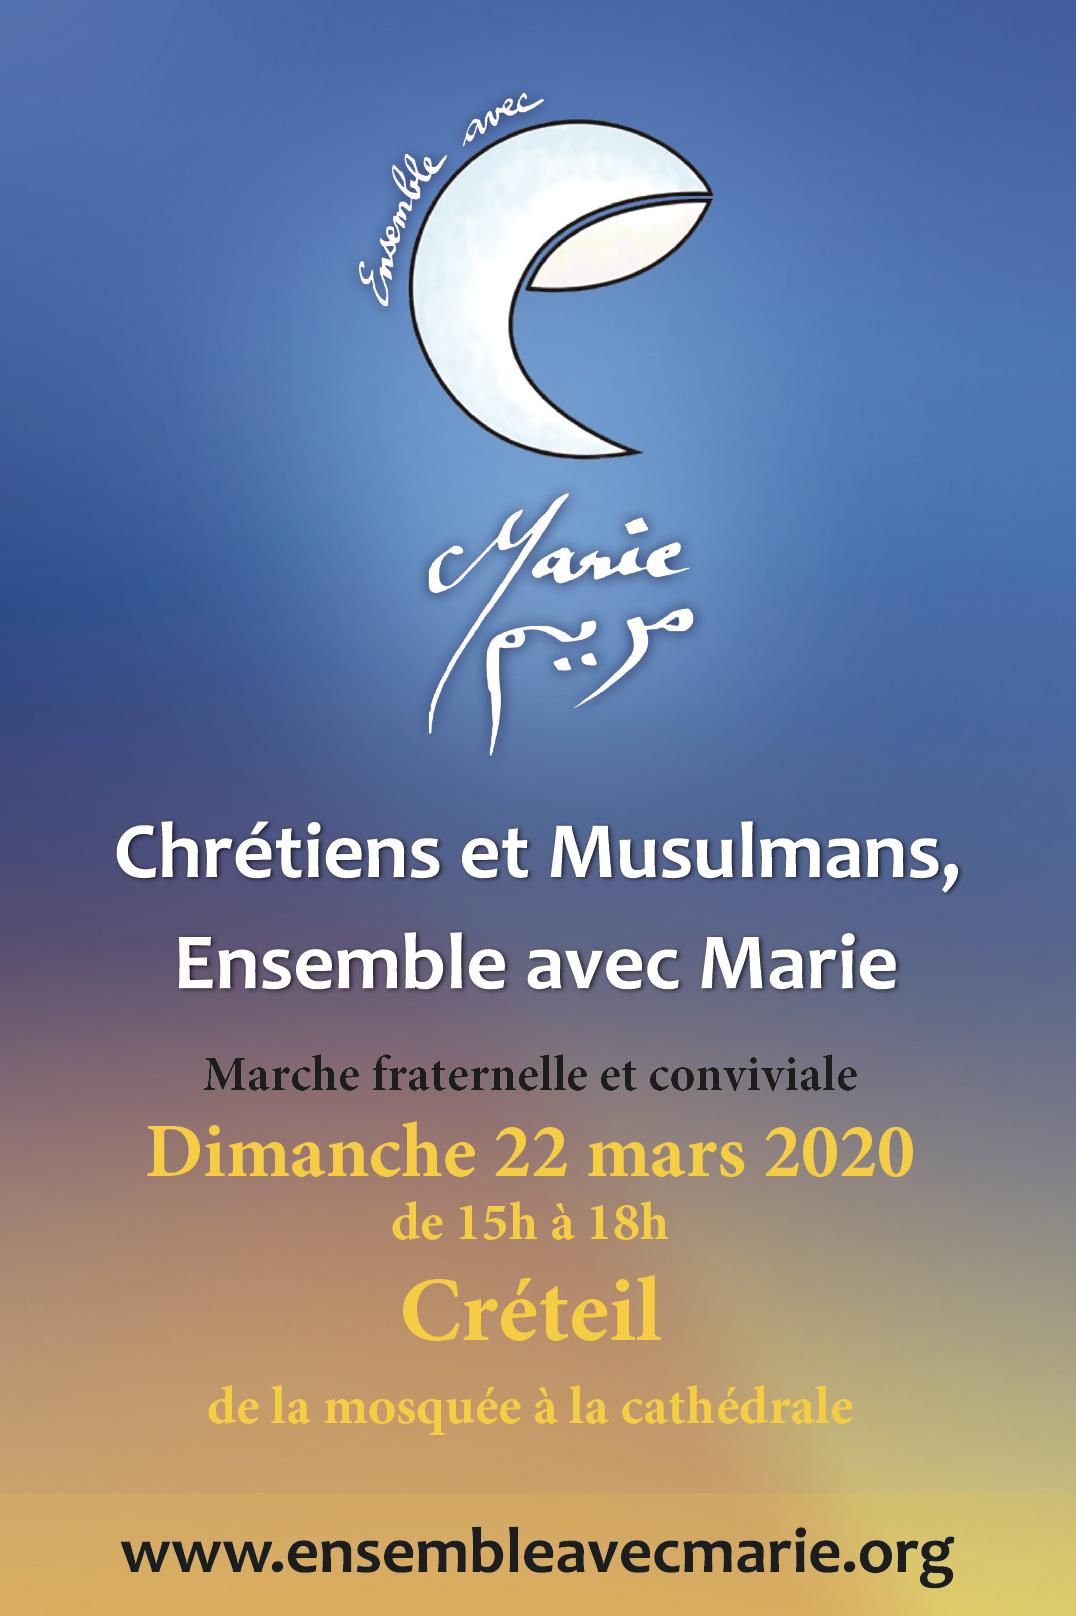 Ensemble avec Marie : Chrétiens et Musulmans, marche fraternelle et conviviale le dimanche 22 mars